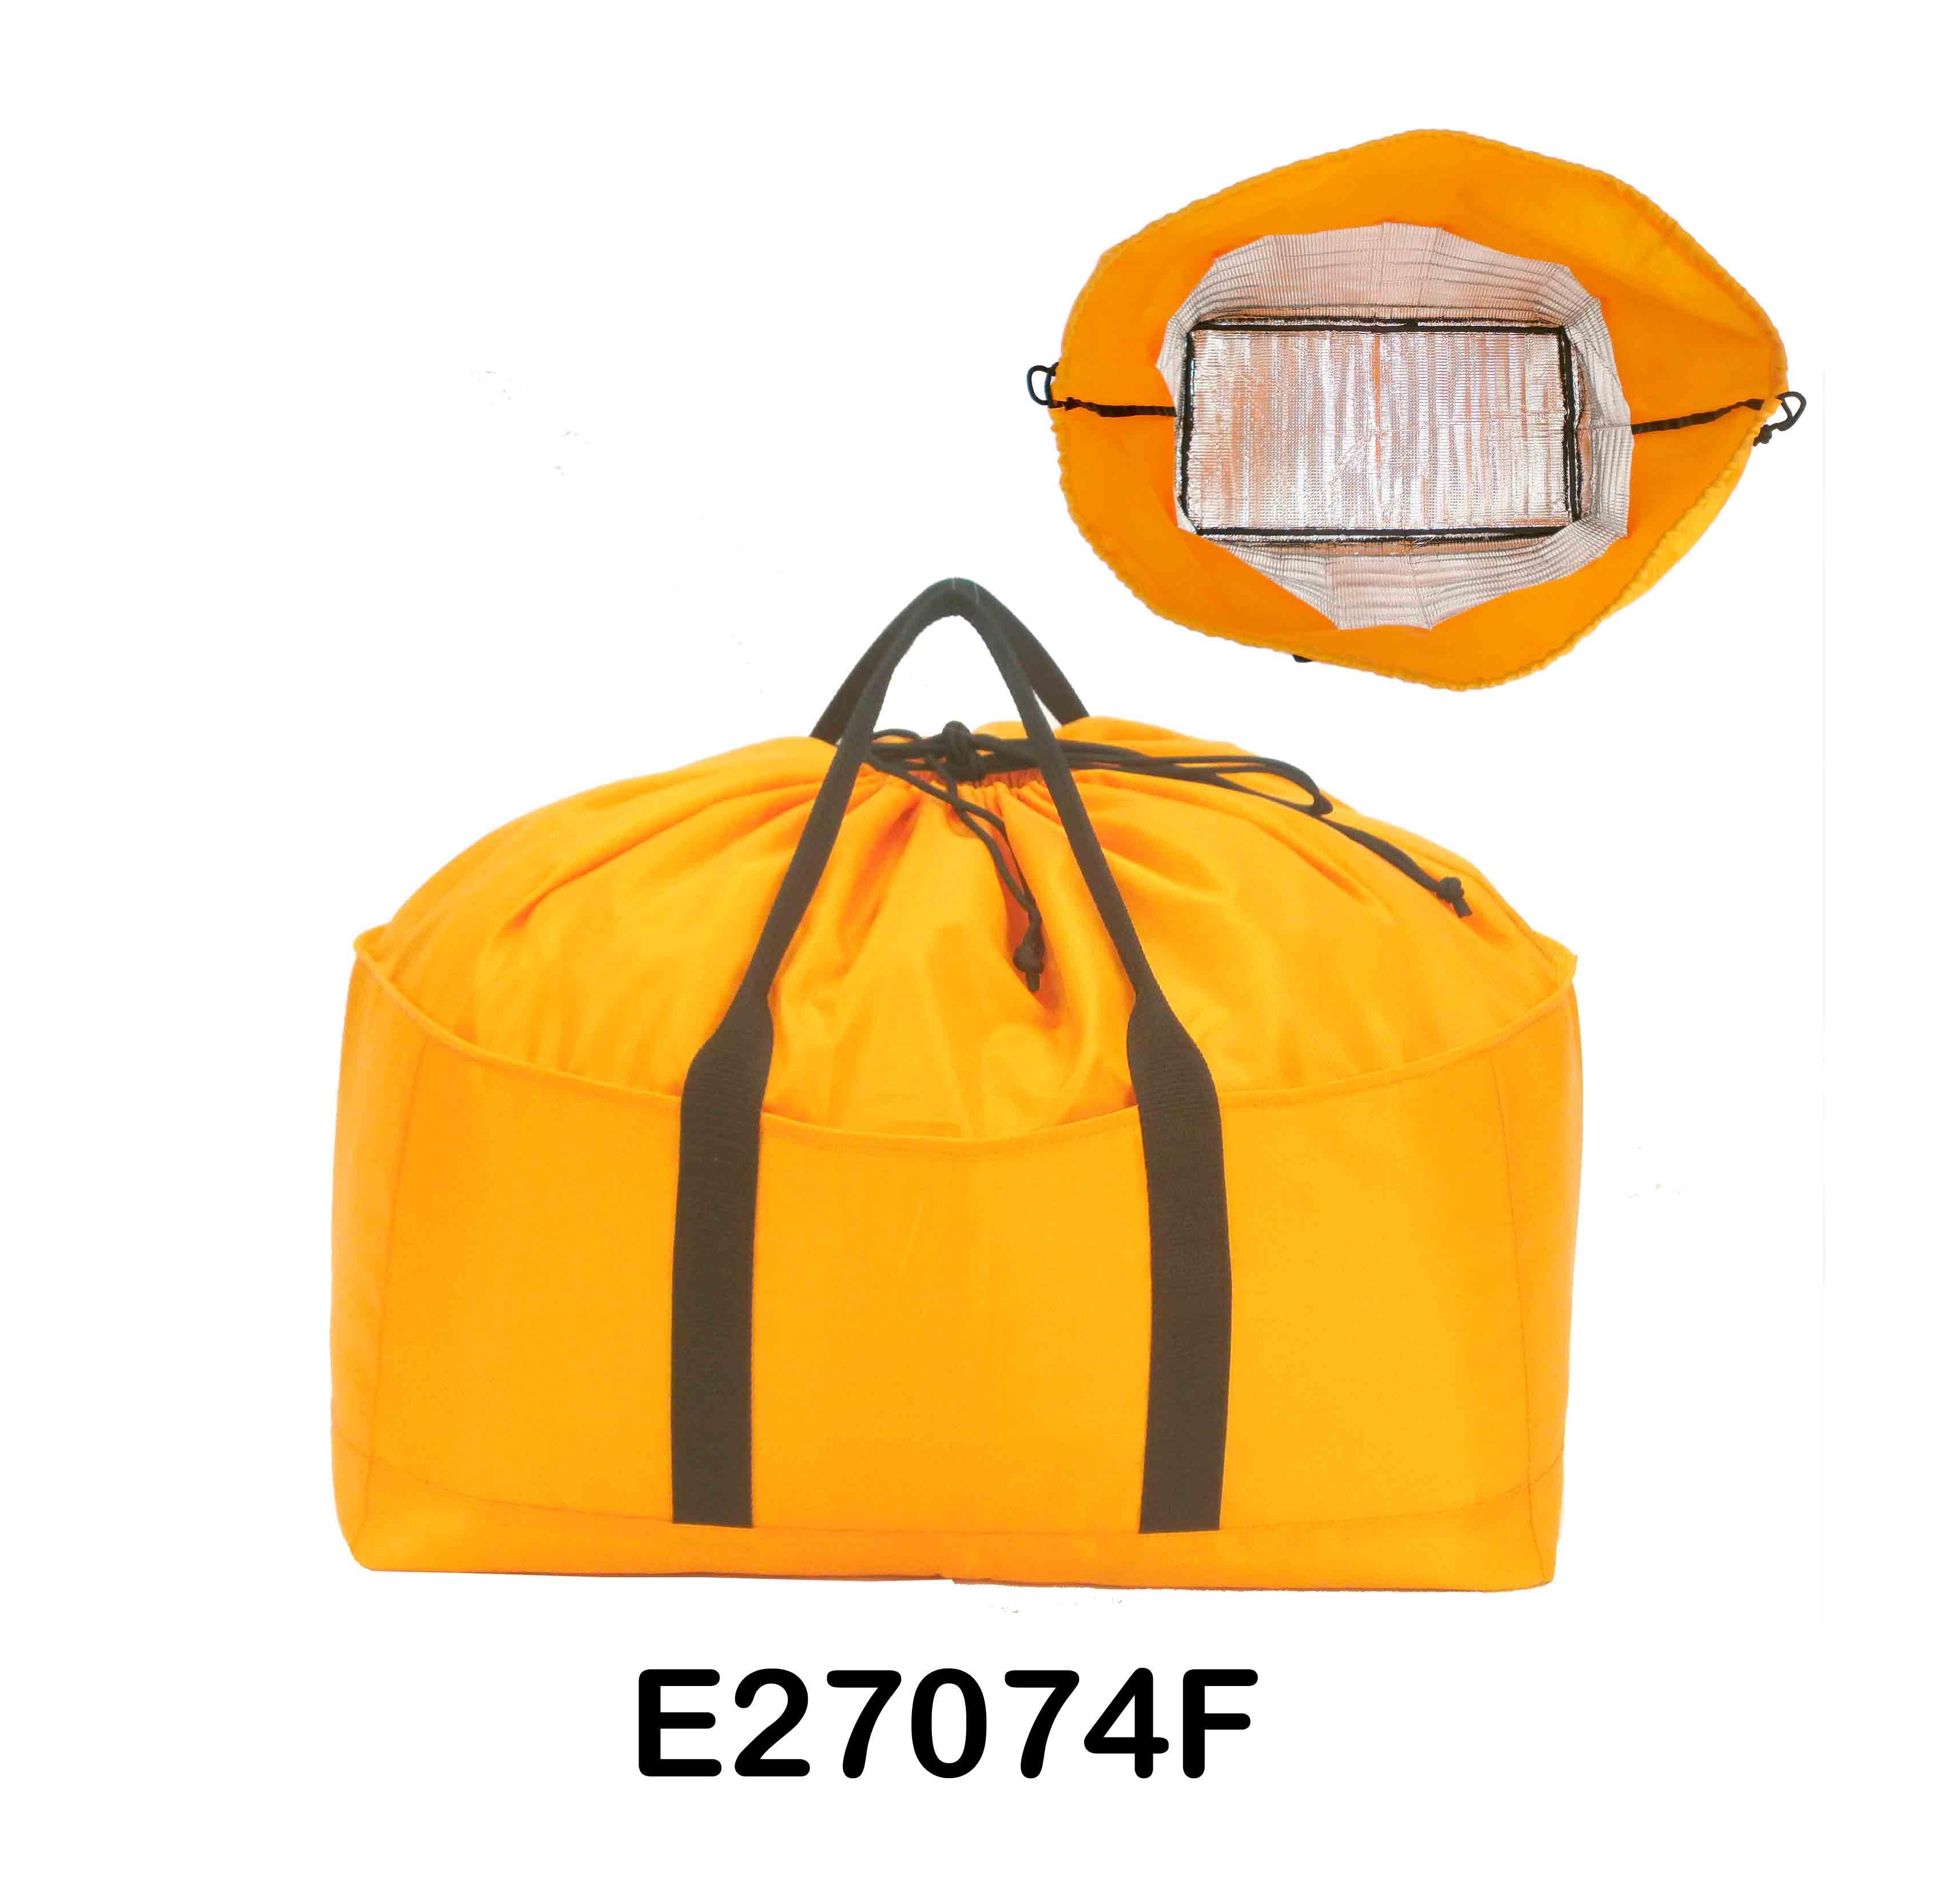 E27074F whole